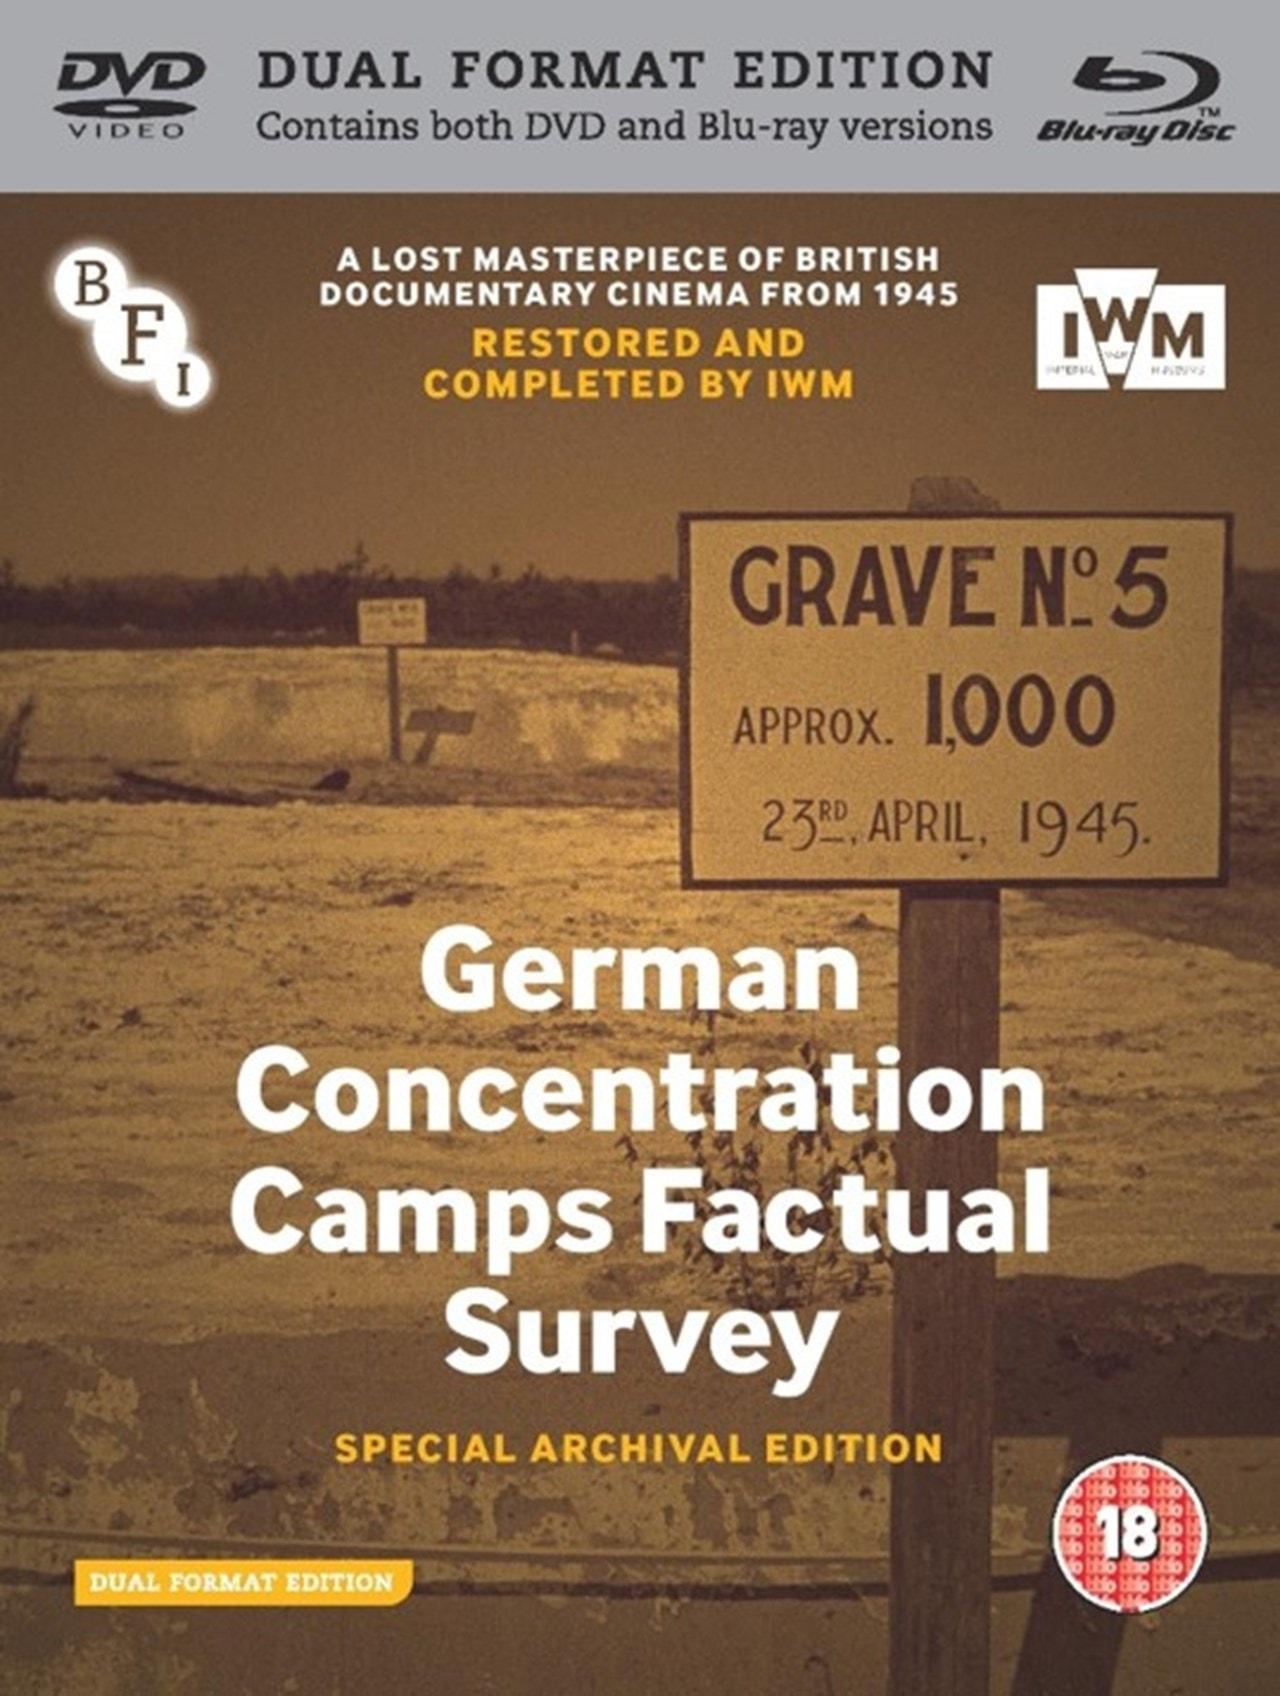 German Concentration Camps Factual Survey - 1